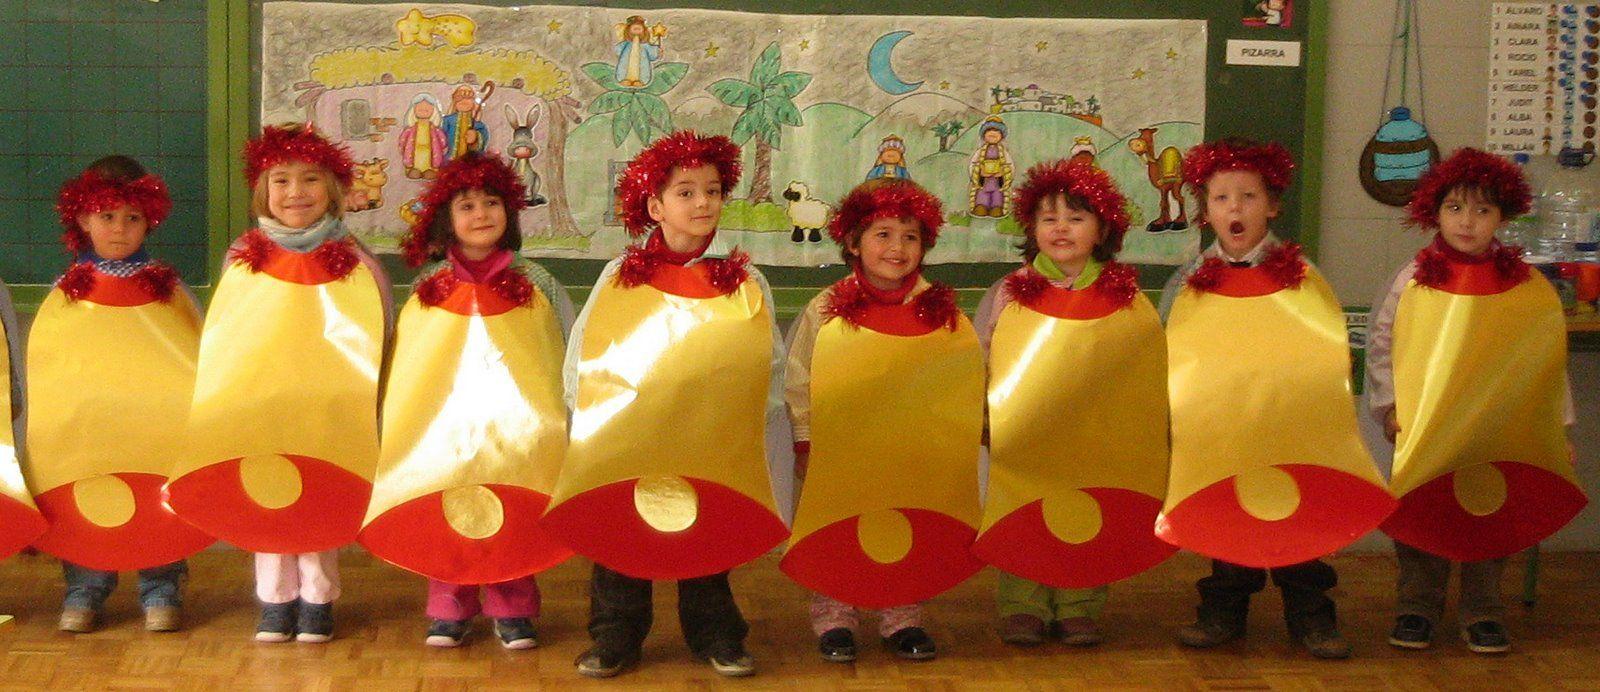 Villlancico din don dan disney y letra http - Disfraces infantiles navidenos ...